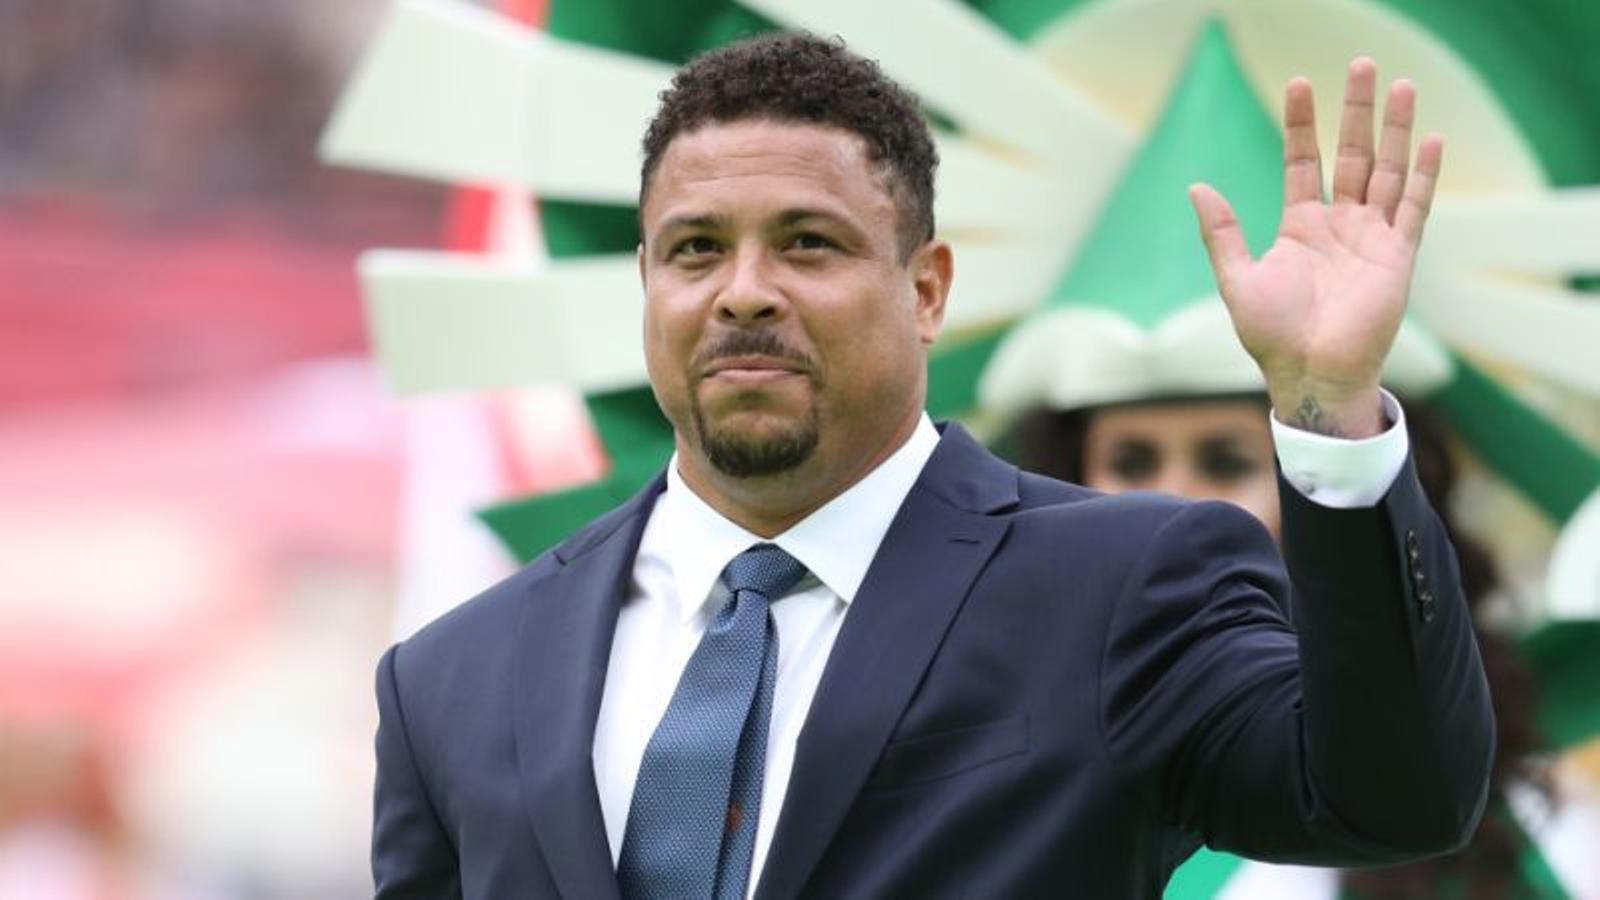 L'exfutbolista Ronaldo, ingressat a Eivissa, per una neumonia